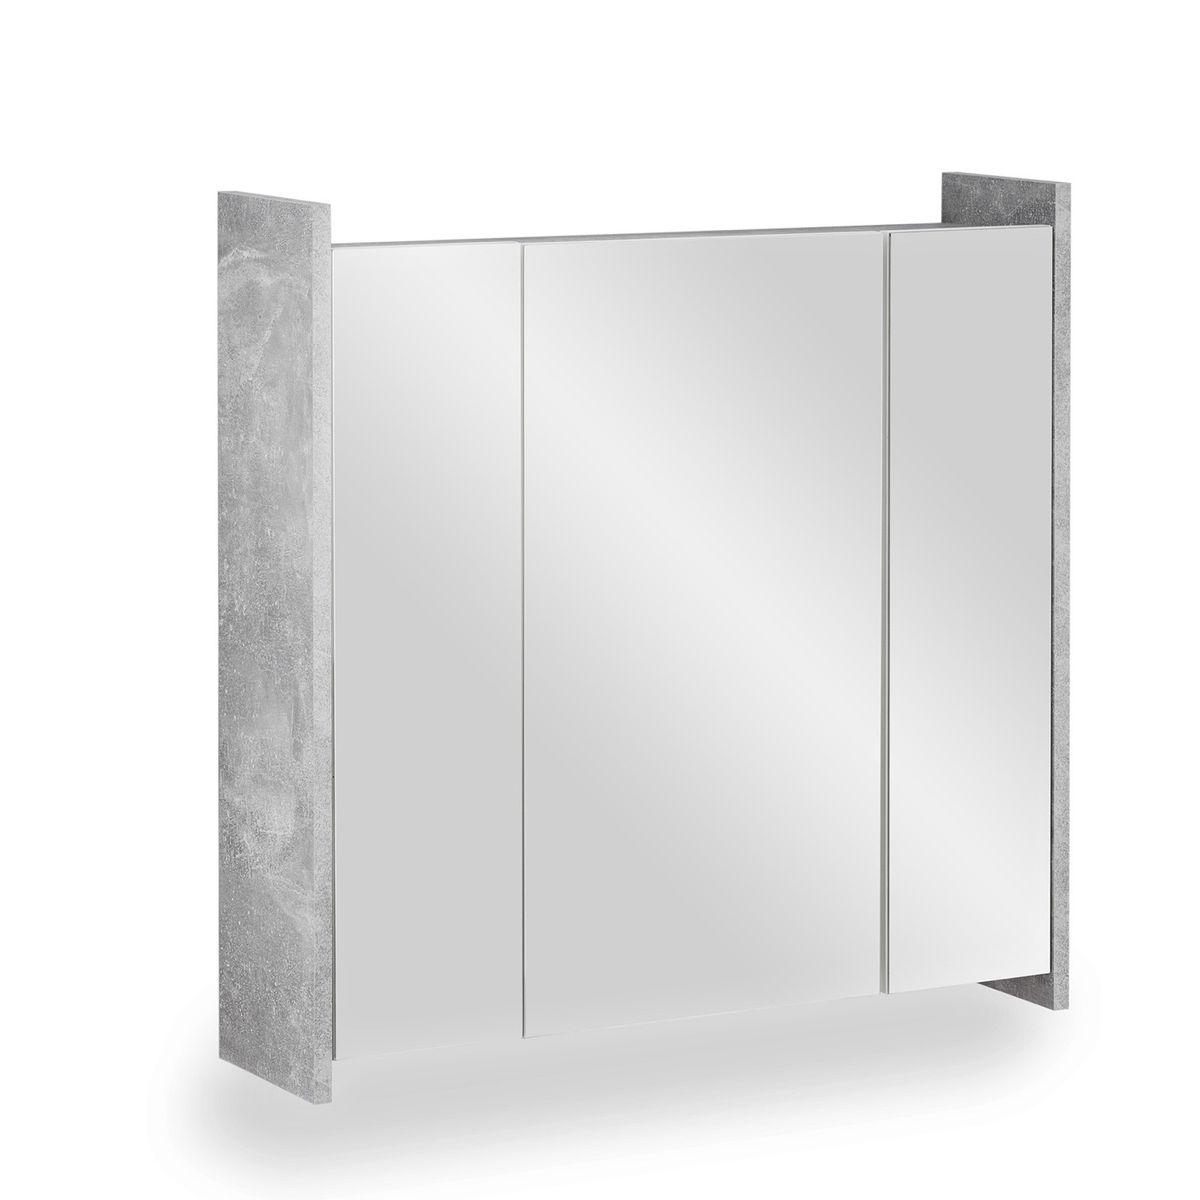 Spiegelschrank FROSTI 70 cm Beton Weiß